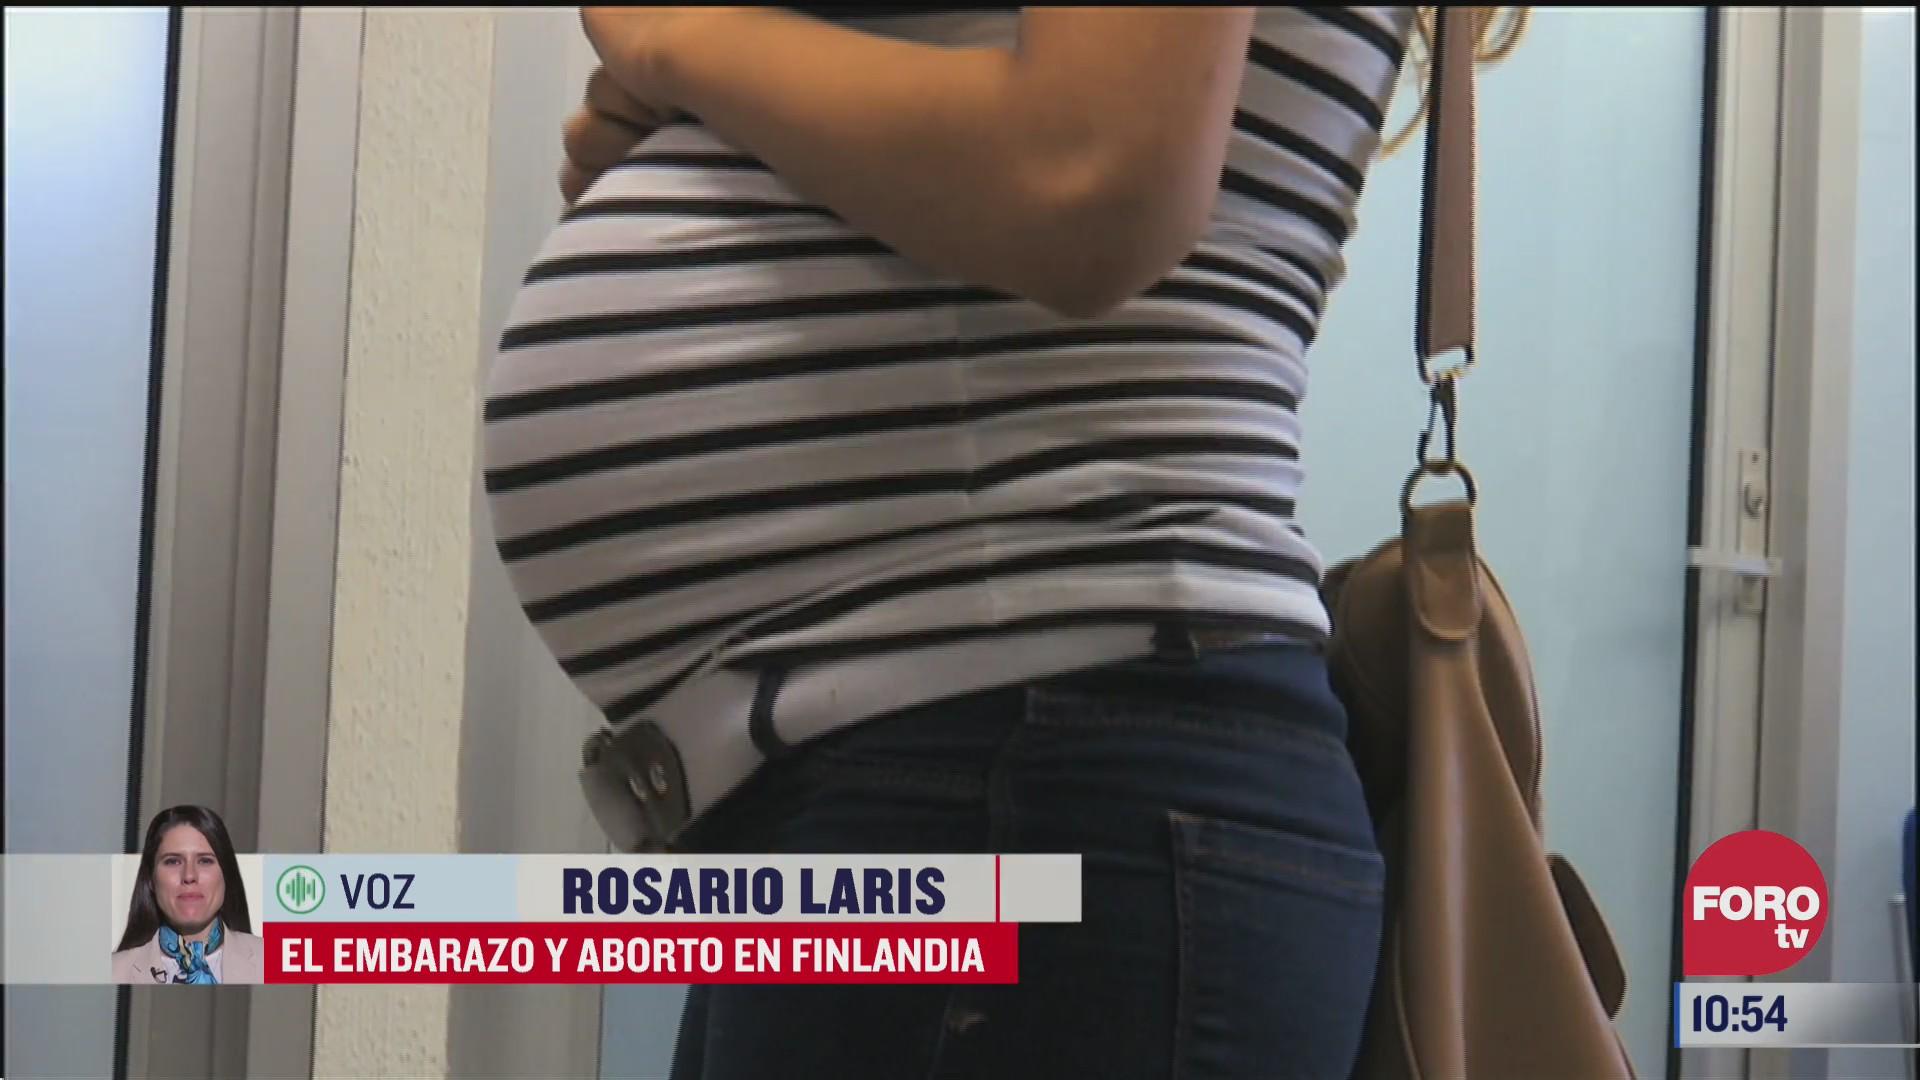 el embarazo y aborto en finlandia